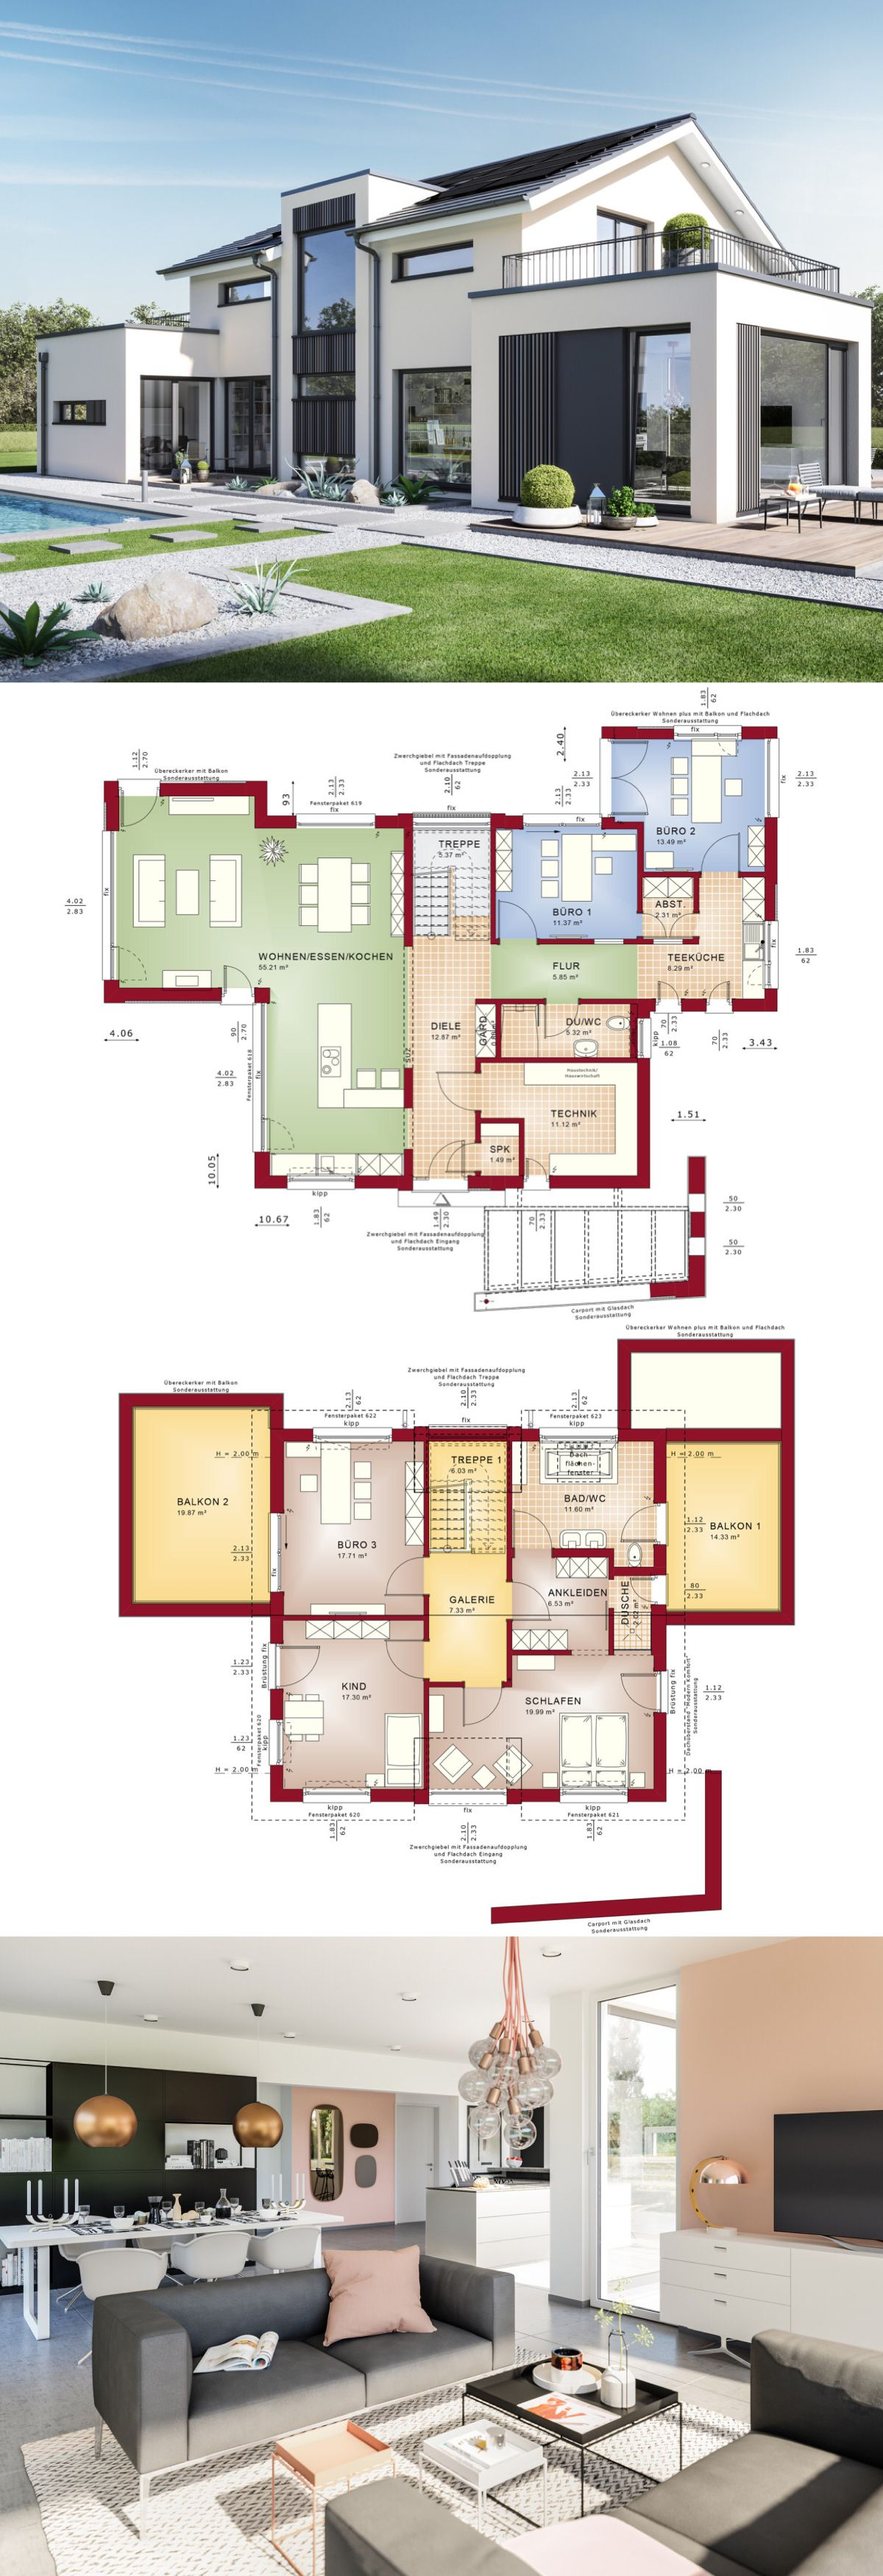 Modernes Design Haus Concept M 154